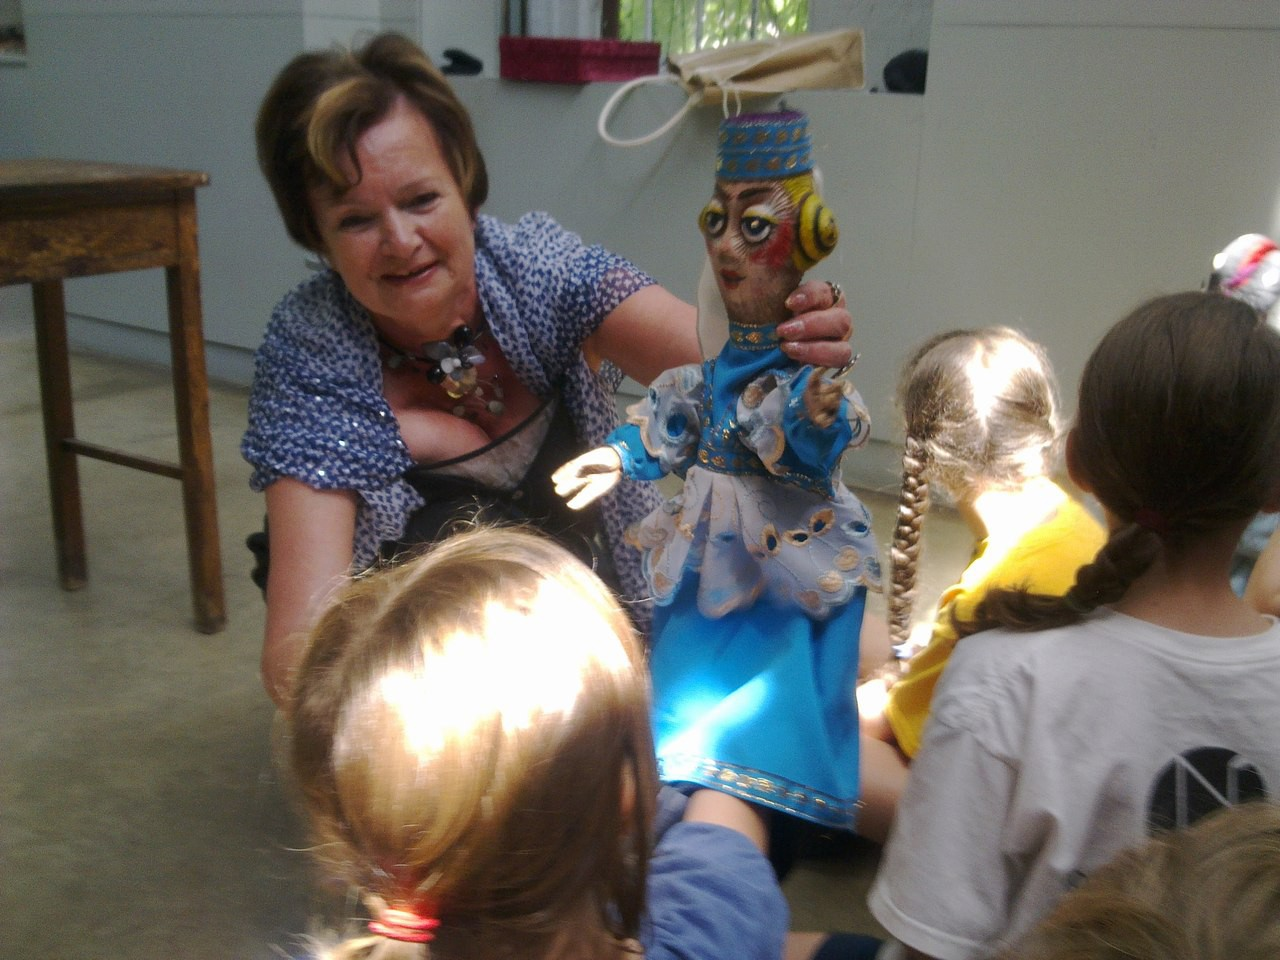 Творческая поездка театра кукол «Сказ» в США. Г. Романова - мастер-класс для особых детей, г. Бренфорд, 2013 г.: фотография